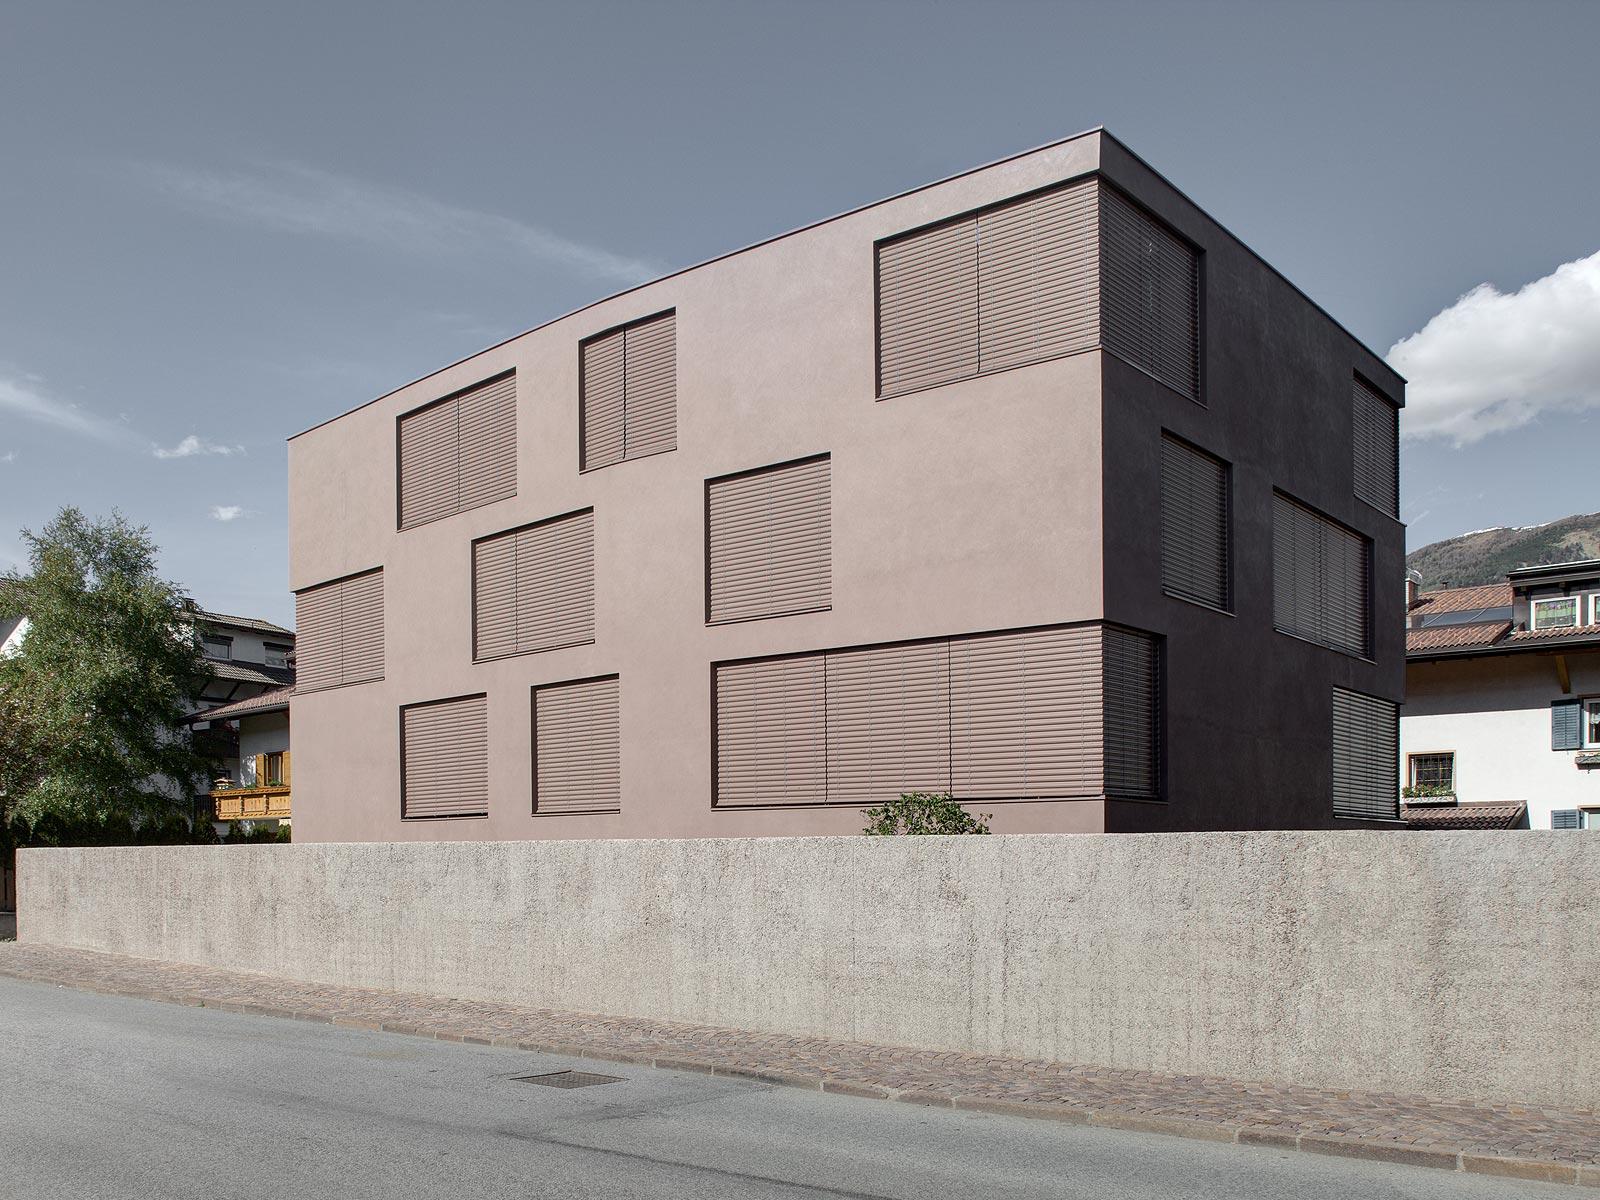 best architects architektur award pedevilla architekten pedevilla architekten wohnhaus. Black Bedroom Furniture Sets. Home Design Ideas